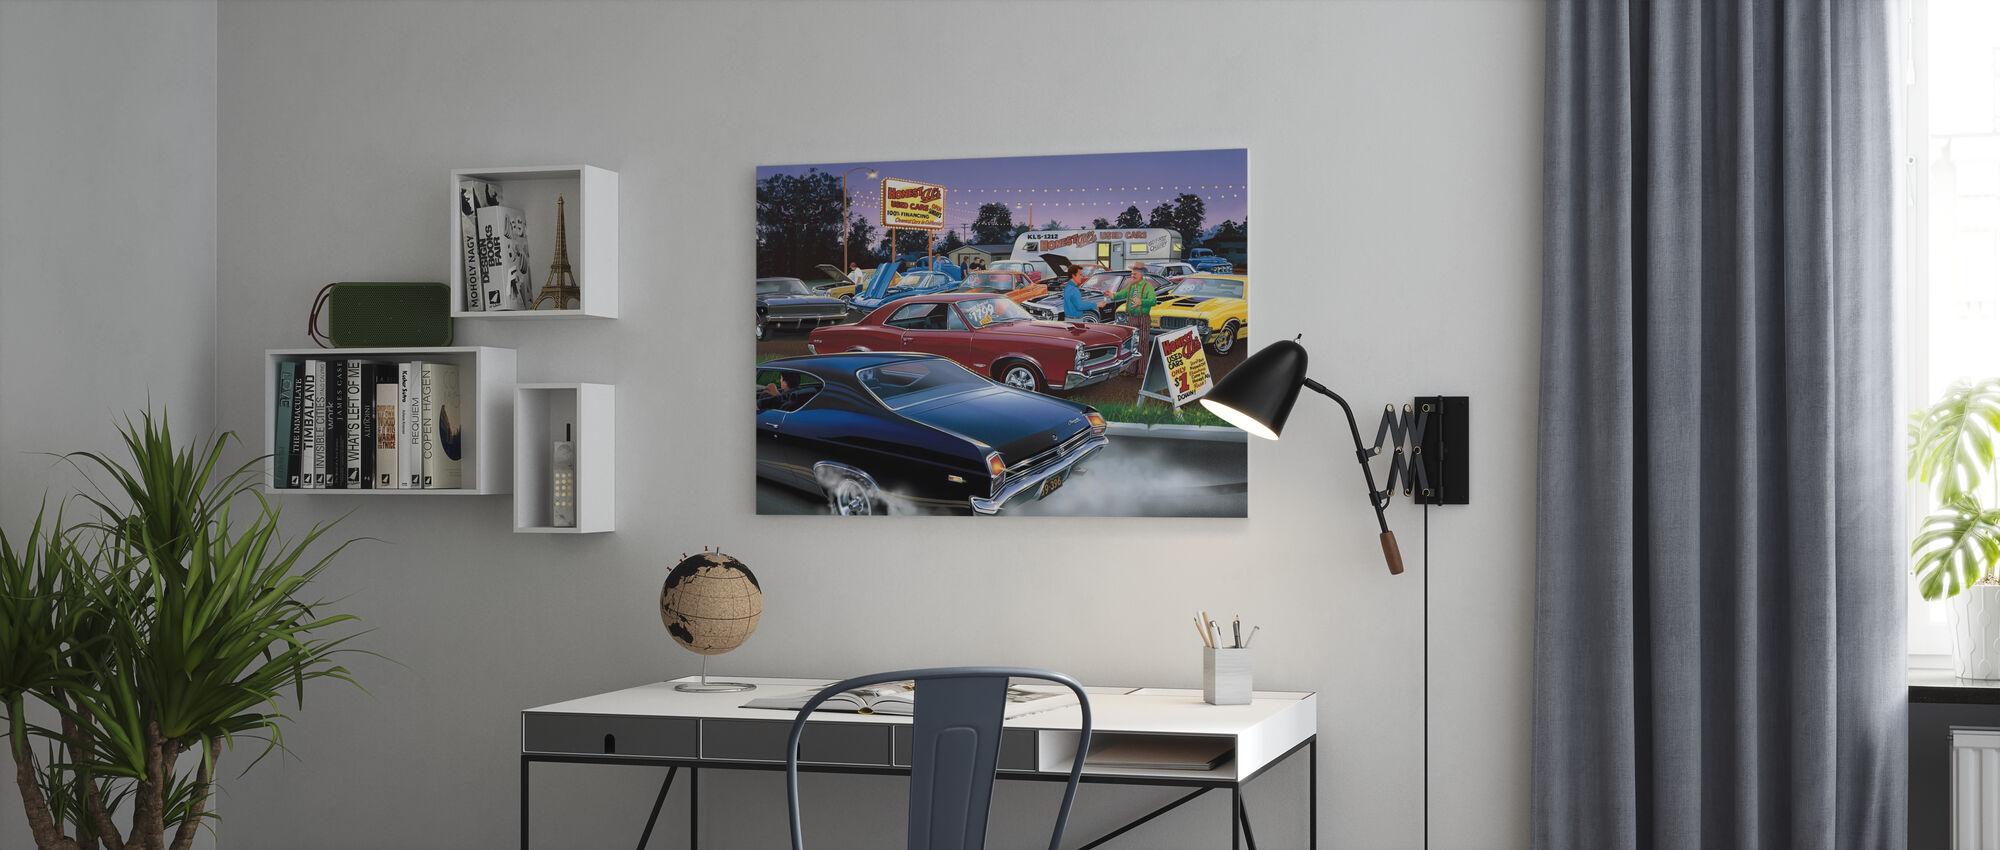 Eerlijke Al's gebruikte auto - Canvas print - Kantoor